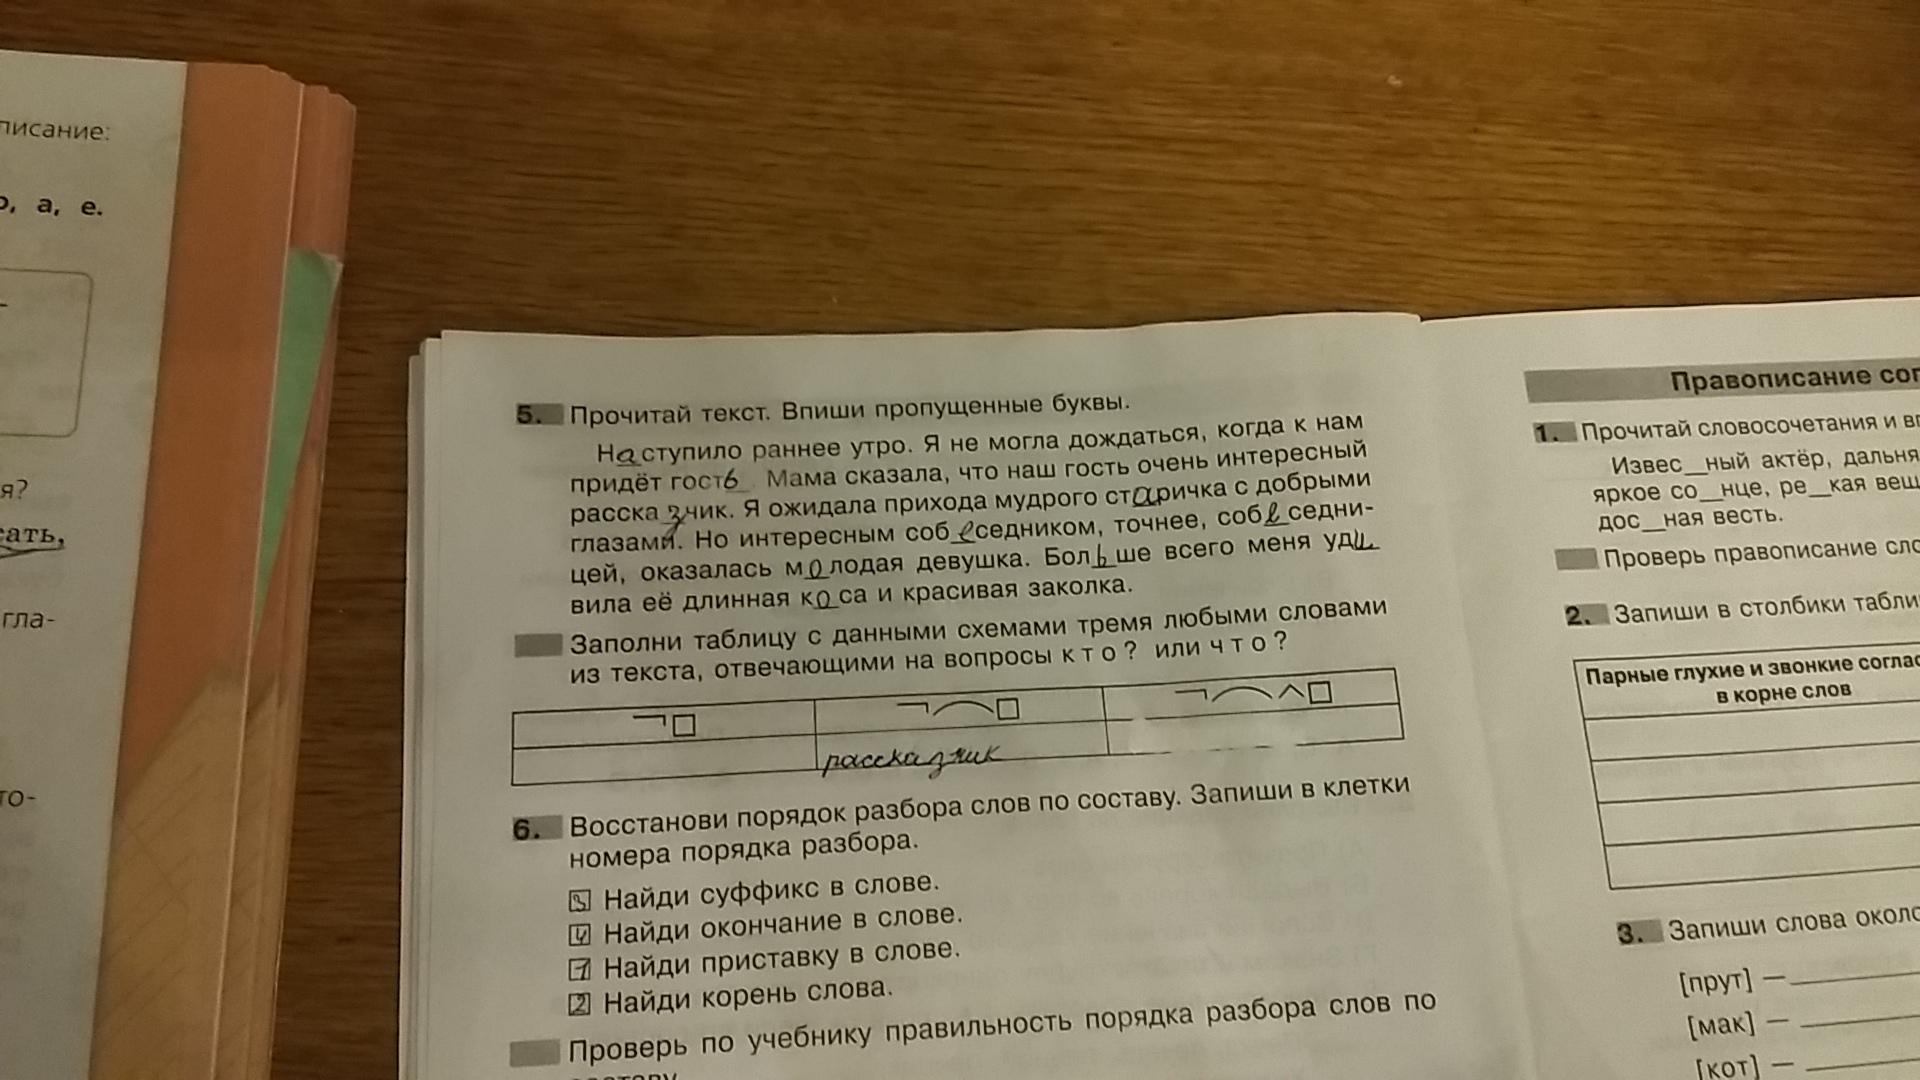 хоум кредит иваново лежневская